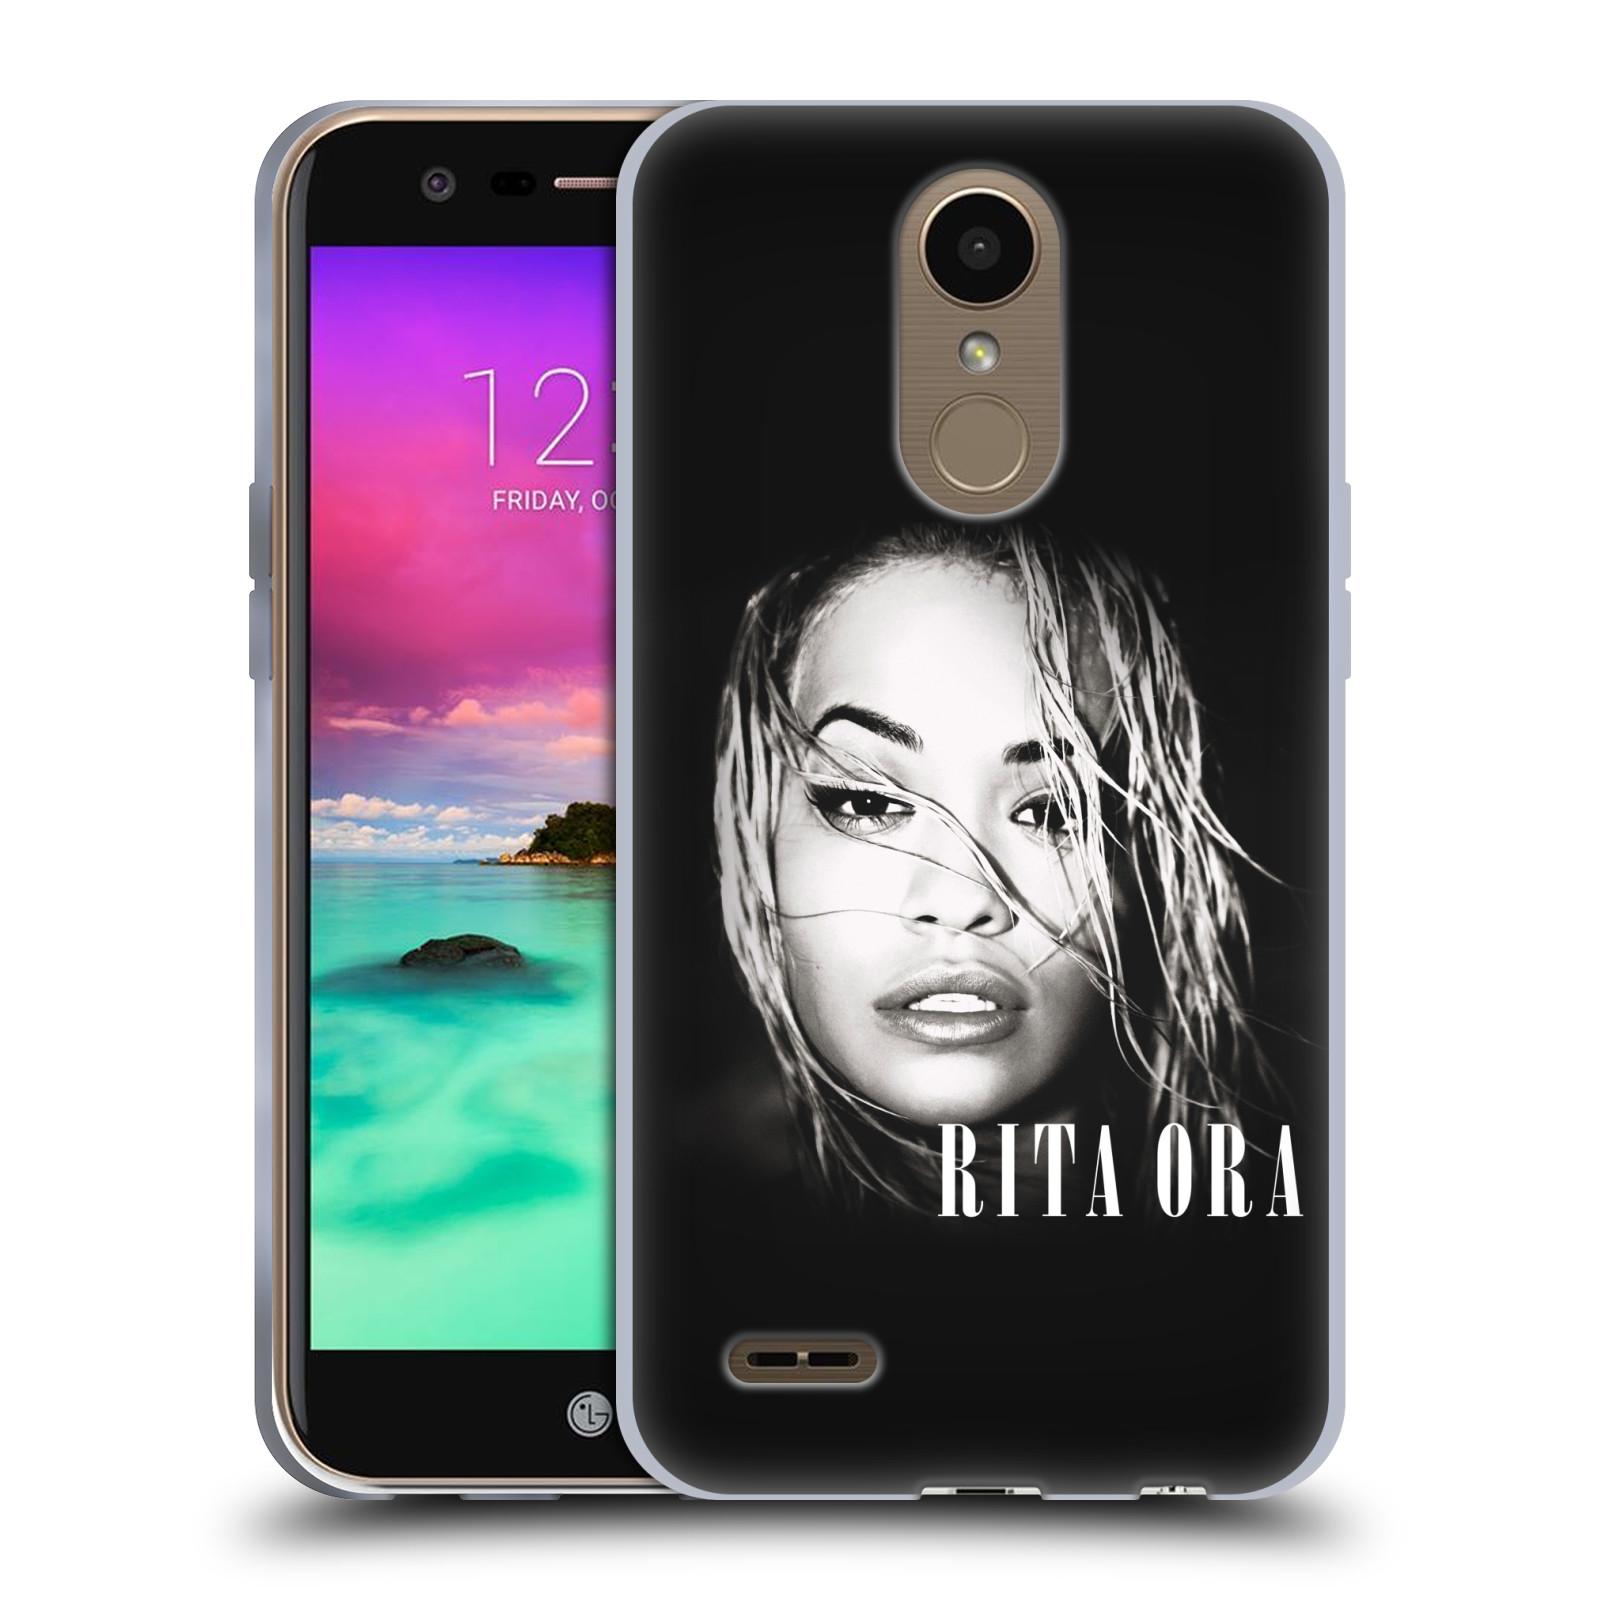 HEAD CASE silikonový obal na mobil LG K10 2017 / K10 2017 DUAL SIM zpěvačka Rita Ora foto tvář